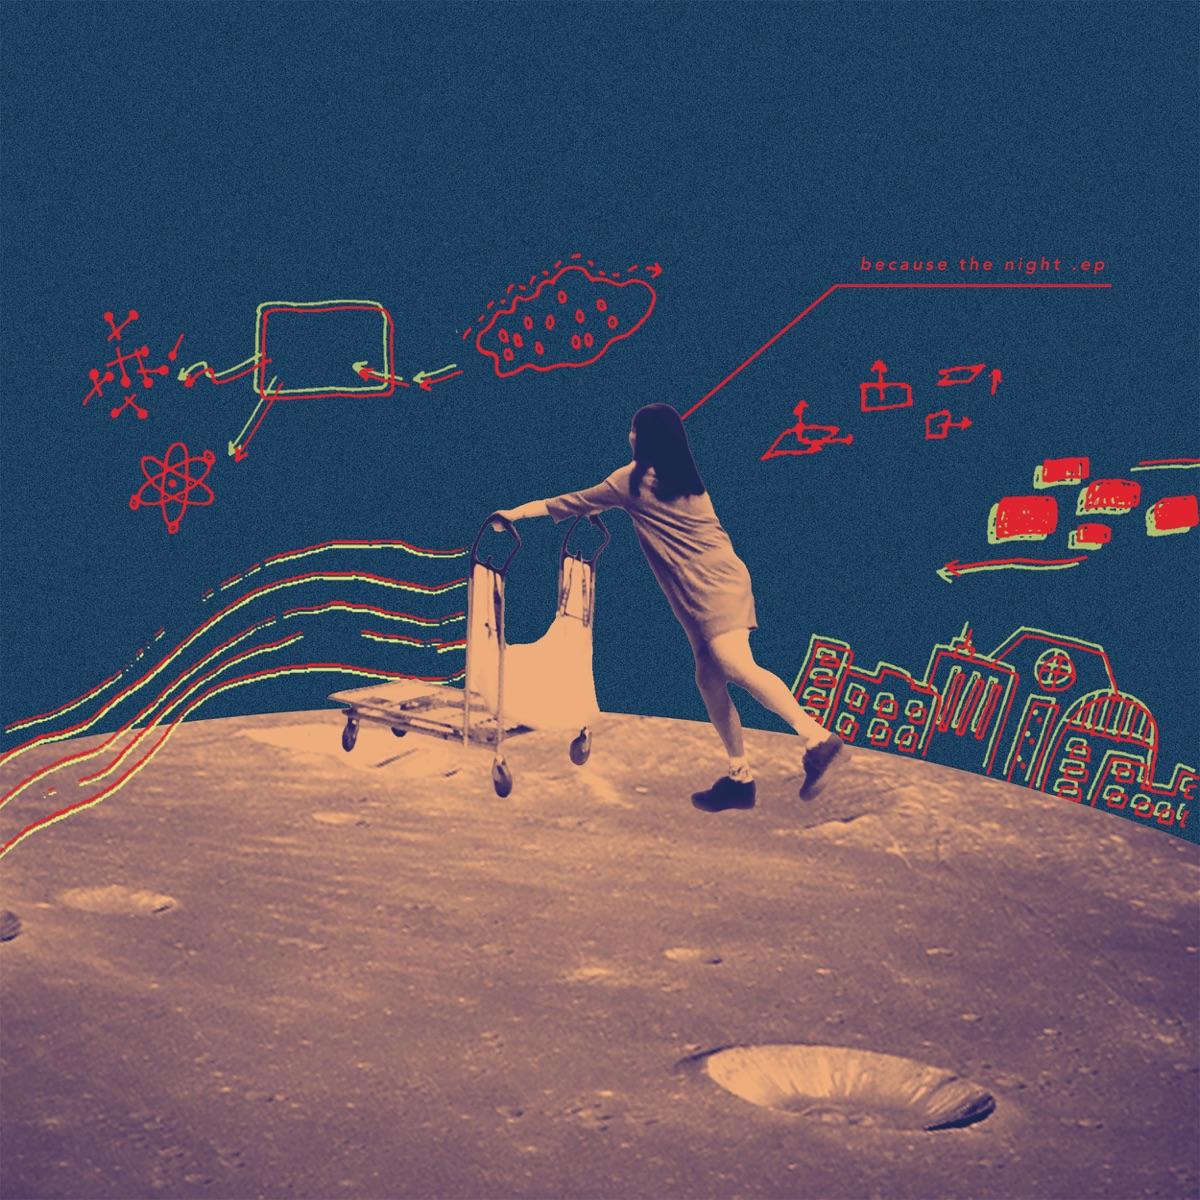 『Laura day romance - 夜のジェットコースター』収録の『because the night.EP』ジャケット